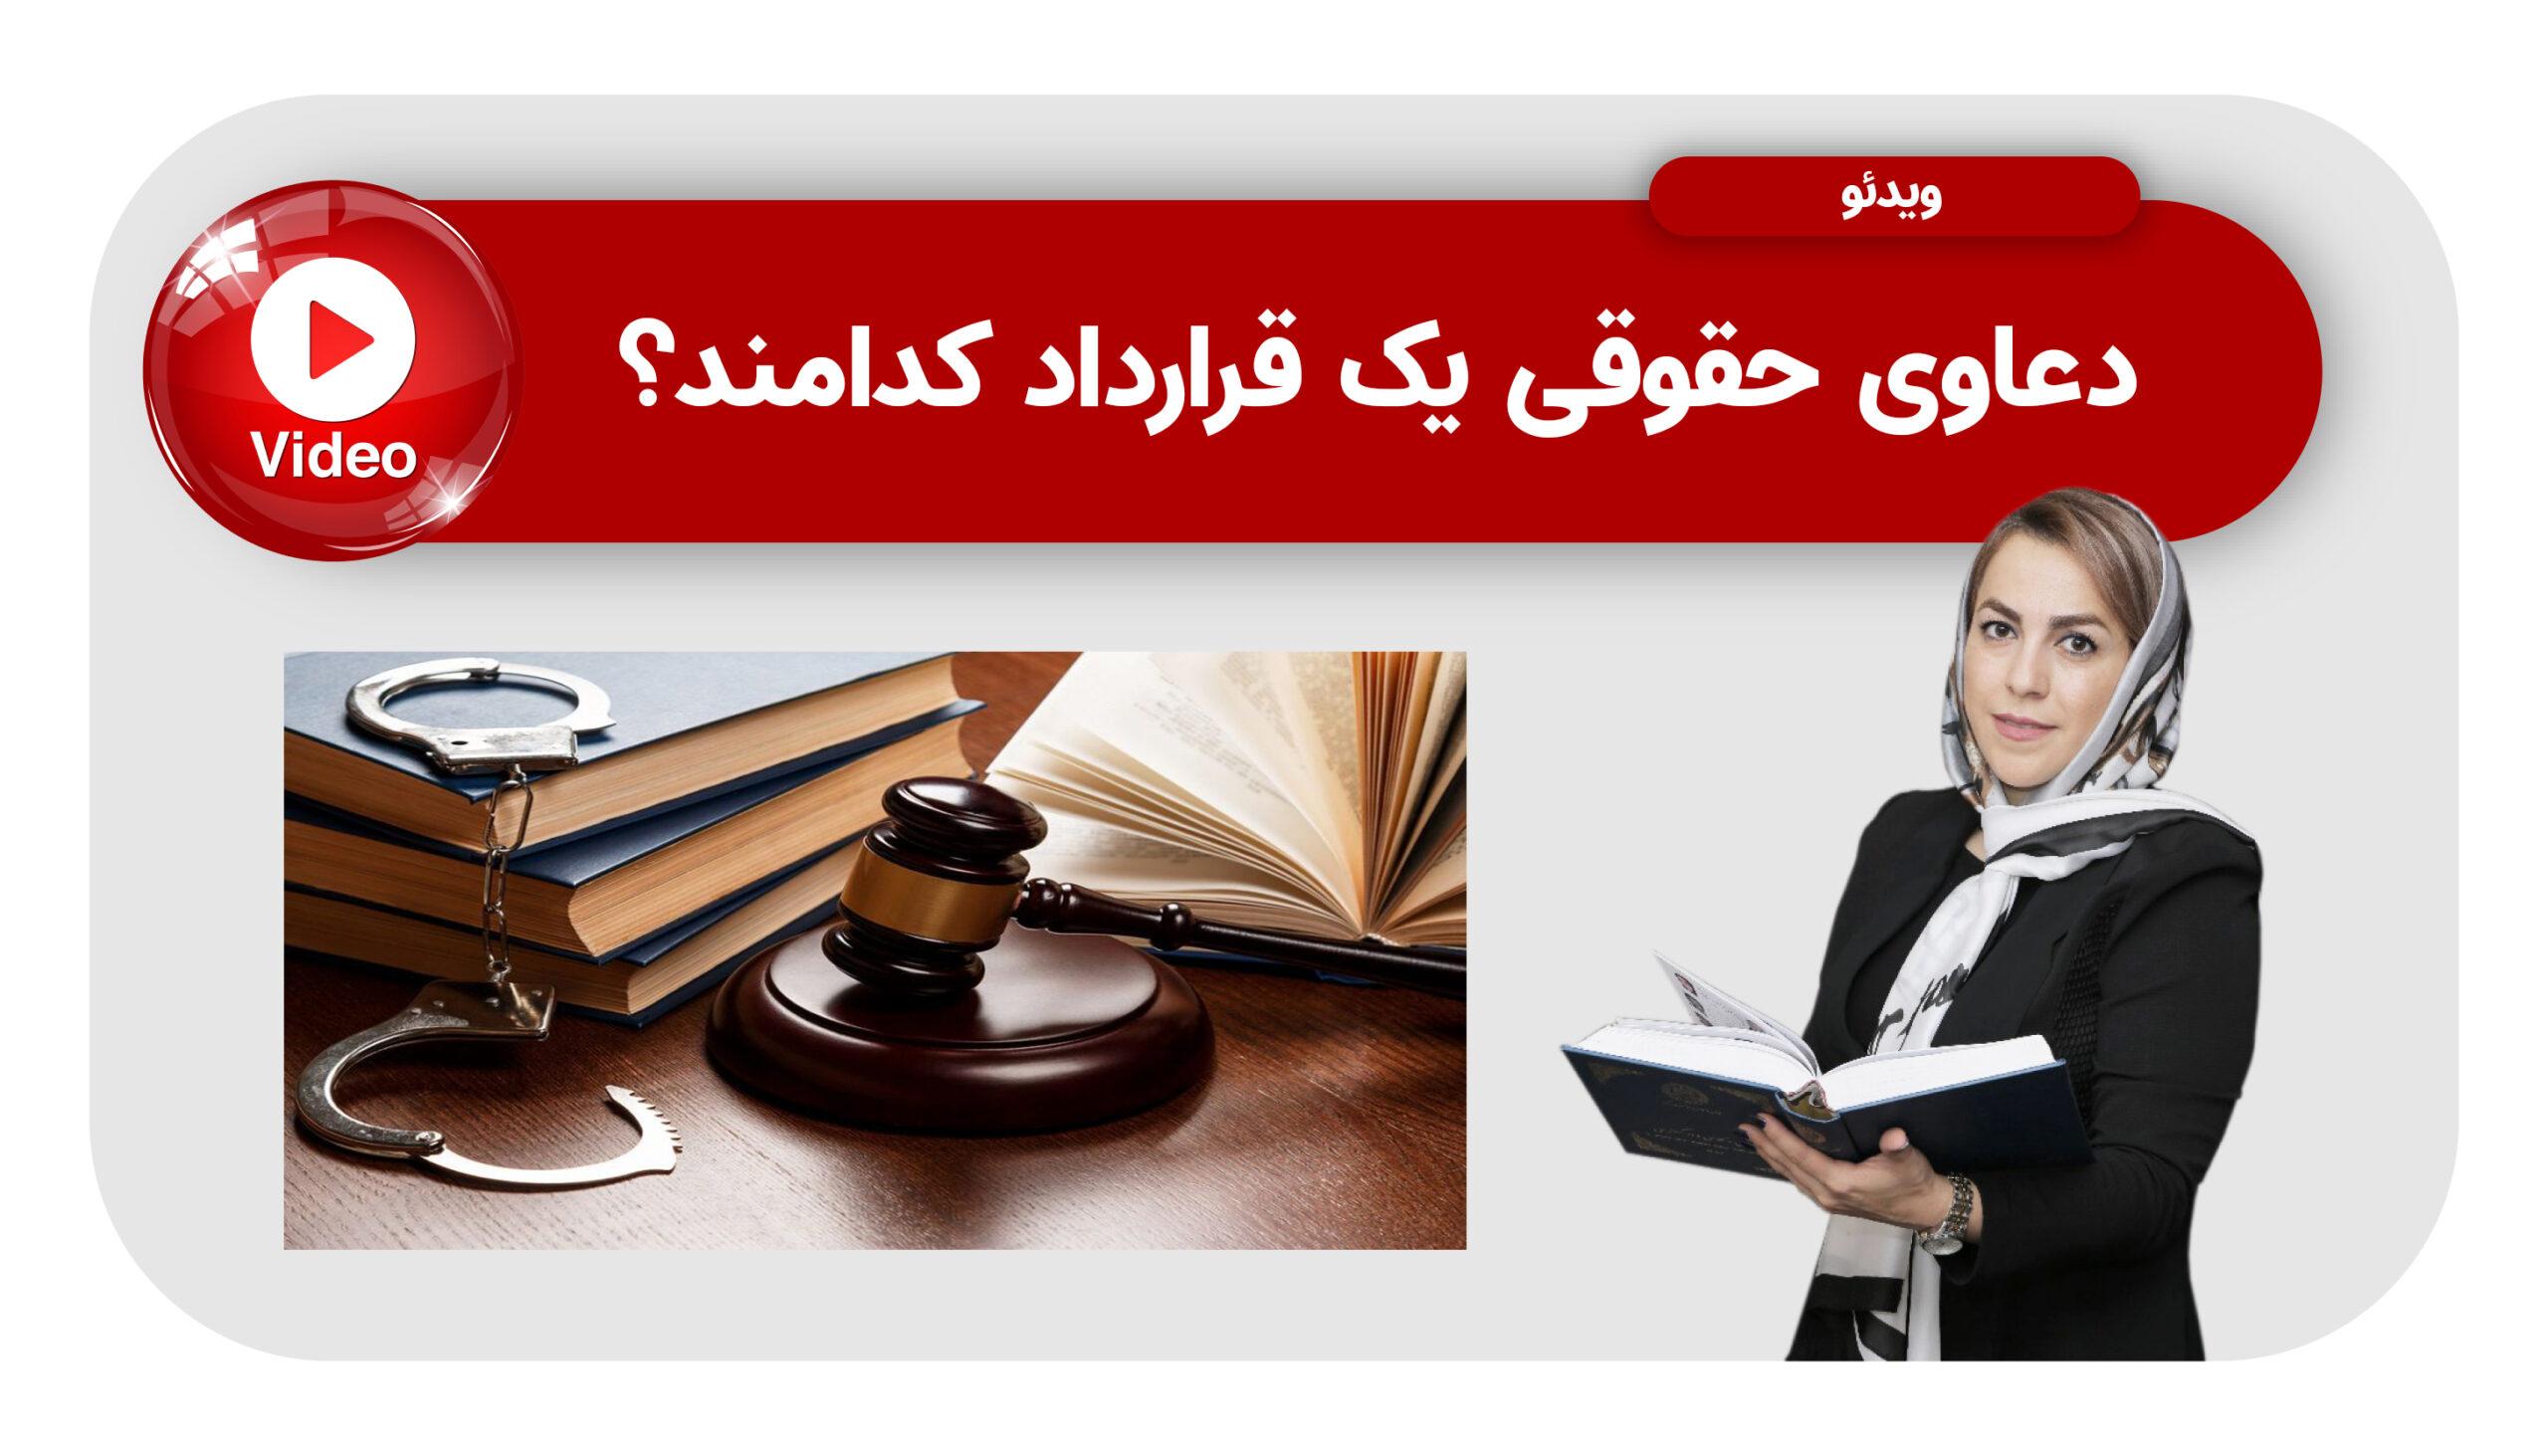 دعاوی حقوقی یک قرارداد کدامند؟